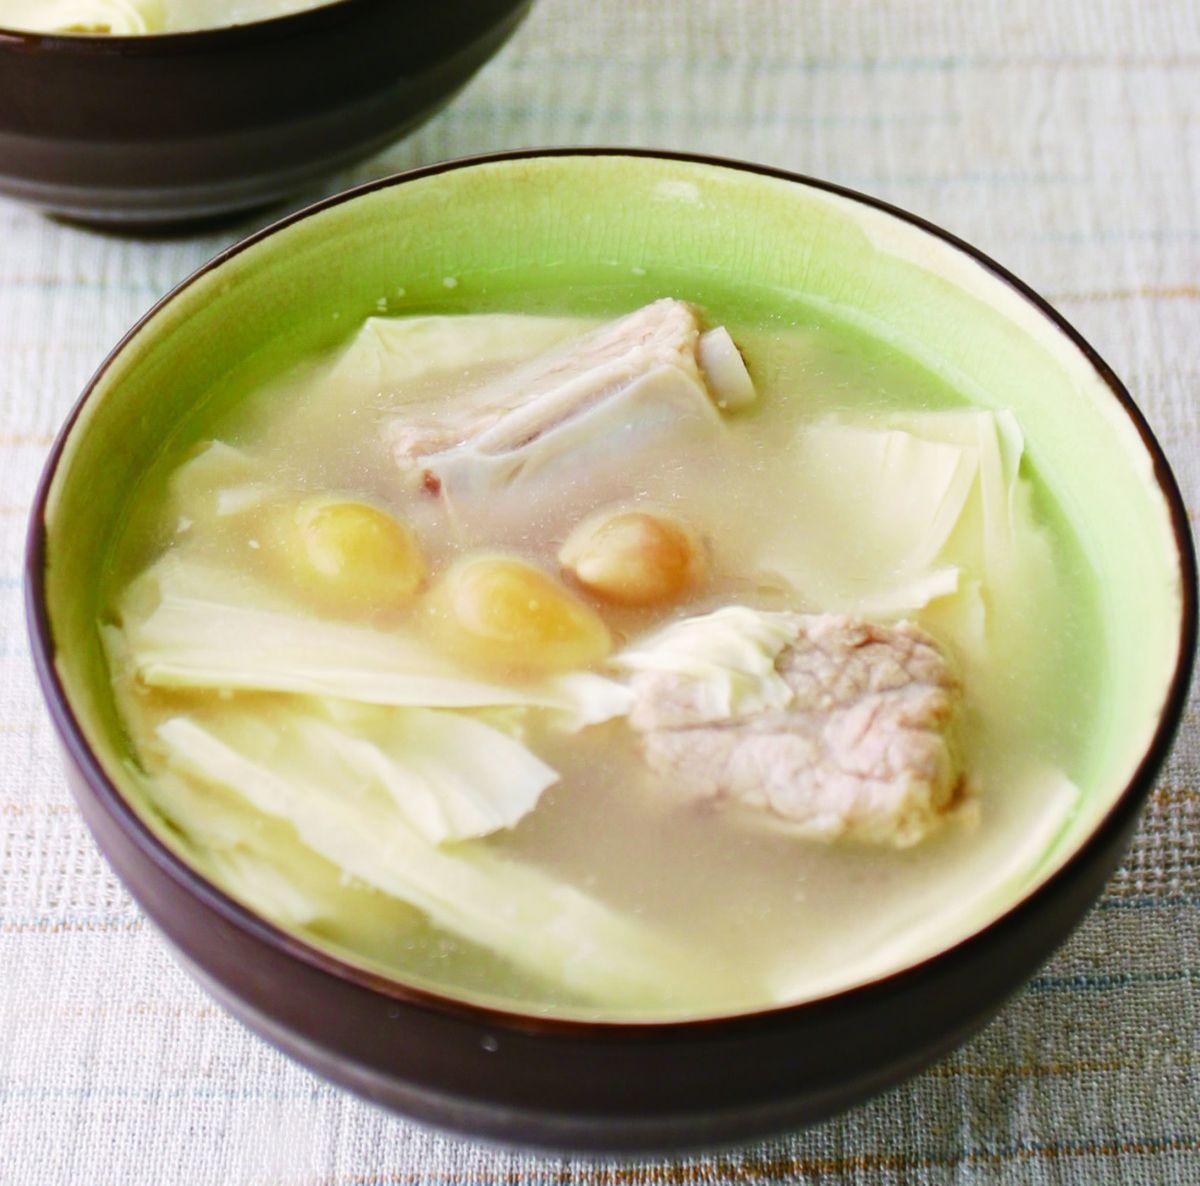 【食譜】白果腐竹排骨湯:www.ytower.com.tw